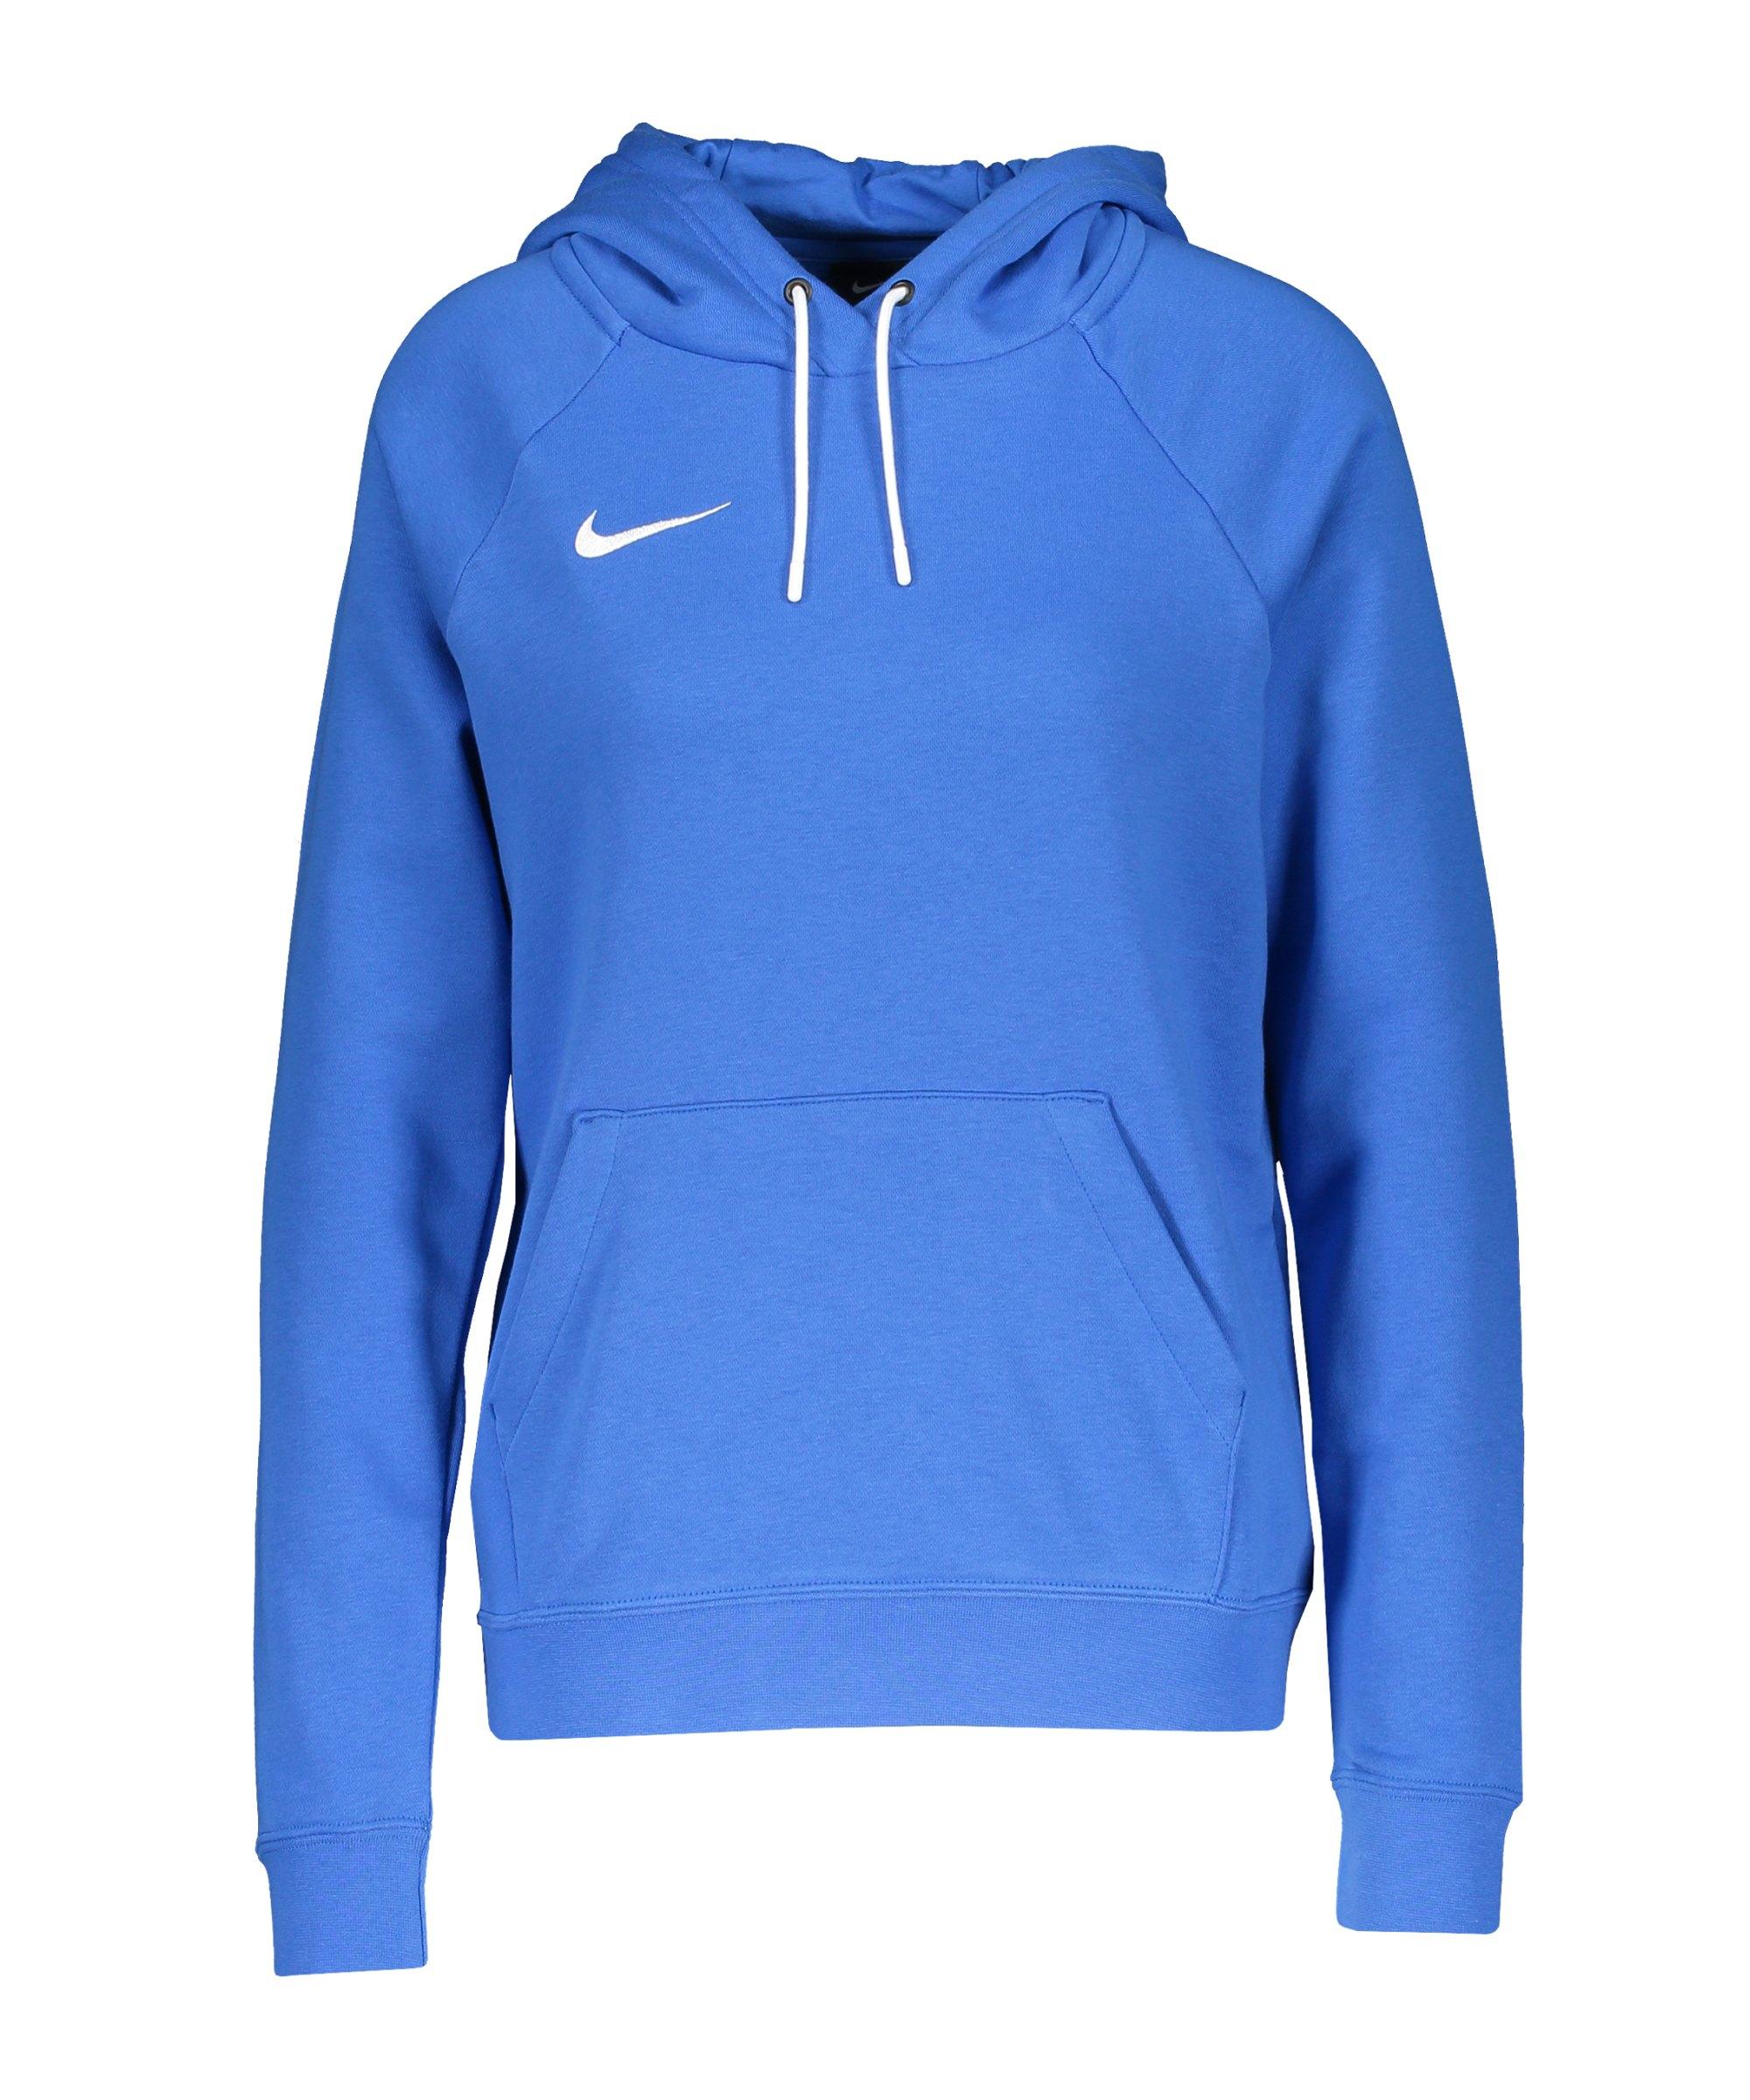 Nike Park 20 Fleece Hoody Damen Blau Weiss F463 - blau